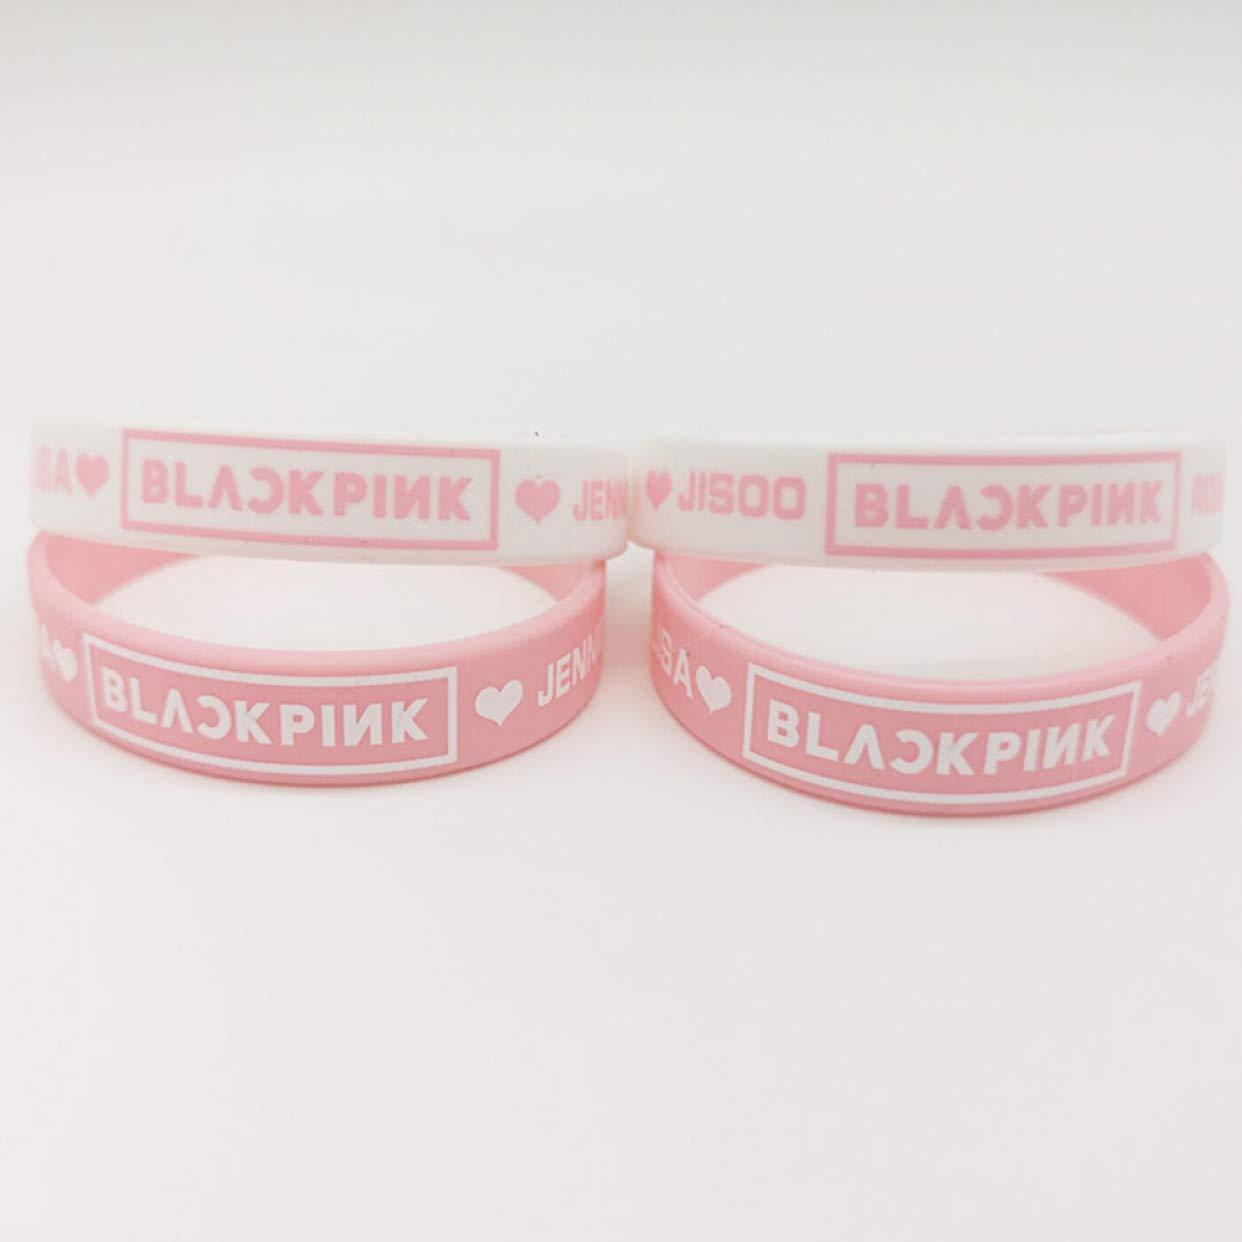 gonglong Bracelet en Silicone pour gar/çons et Filles Motif Kpop Noir//Rose